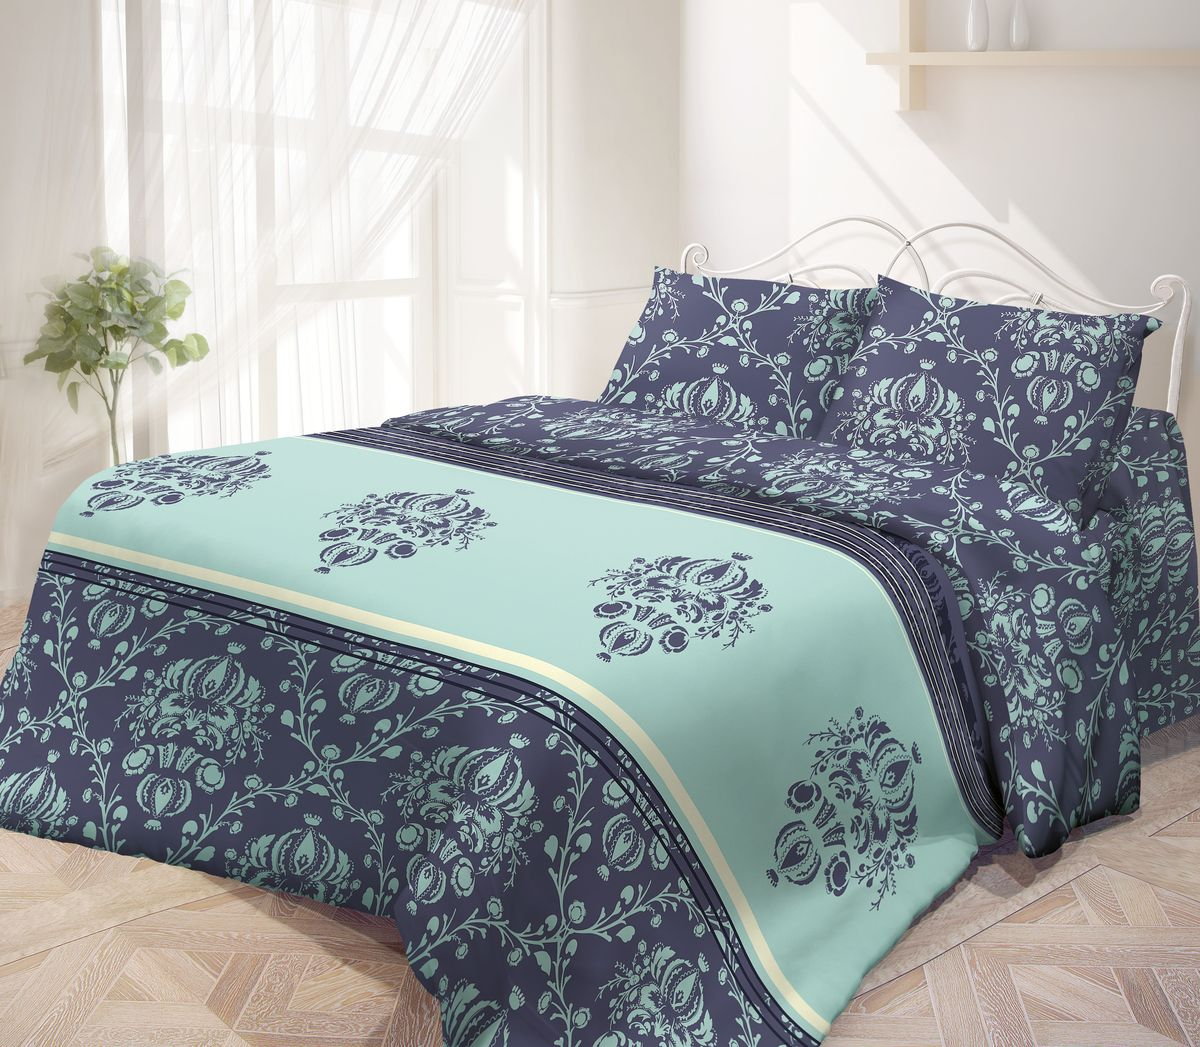 Комплект белья Гармония, 1,5-спальный, наволочки 50х70, цвет: темно-синий, голубой391602Комплект постельного белья Гармония является экологически безопасным, так как выполнен из поплина (100% хлопок). Комплект состоит из пододеяльника, простыни и двух наволочек. Постельное белье оформлено красивым орнаментом и имеет изысканный внешний вид. Поплин мягкий и приятный на ощупь. Кроме того, эта ткань не требует особого ухода, легко стирается и прекрасно держит форму. Высококачественные красители, которые используются при производстве постельного белья, сохраняют свой цвет даже после многочисленных стирок.Постельное белье Гармония - лучший выбор для современной хозяйки! Его отличают демократичная цена и отличное качество.